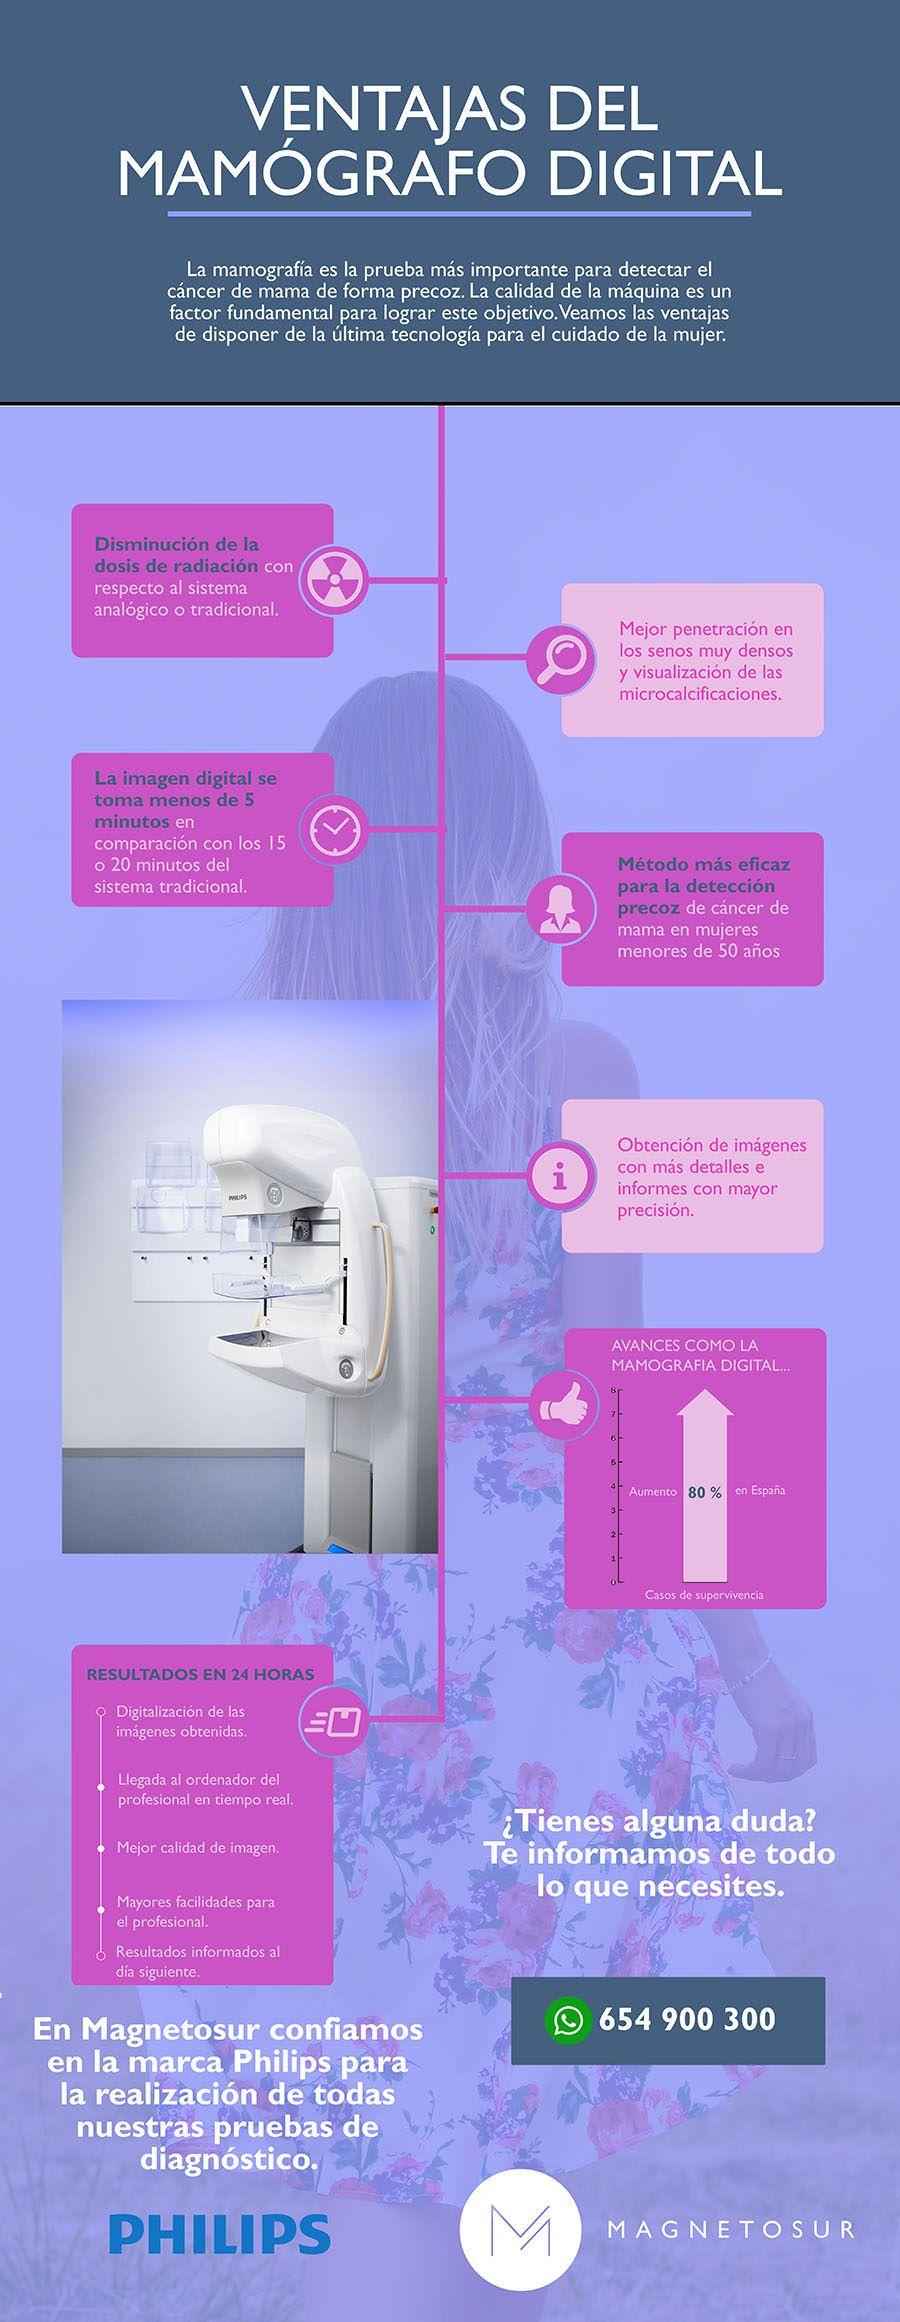 ventajas de la mamografia digital